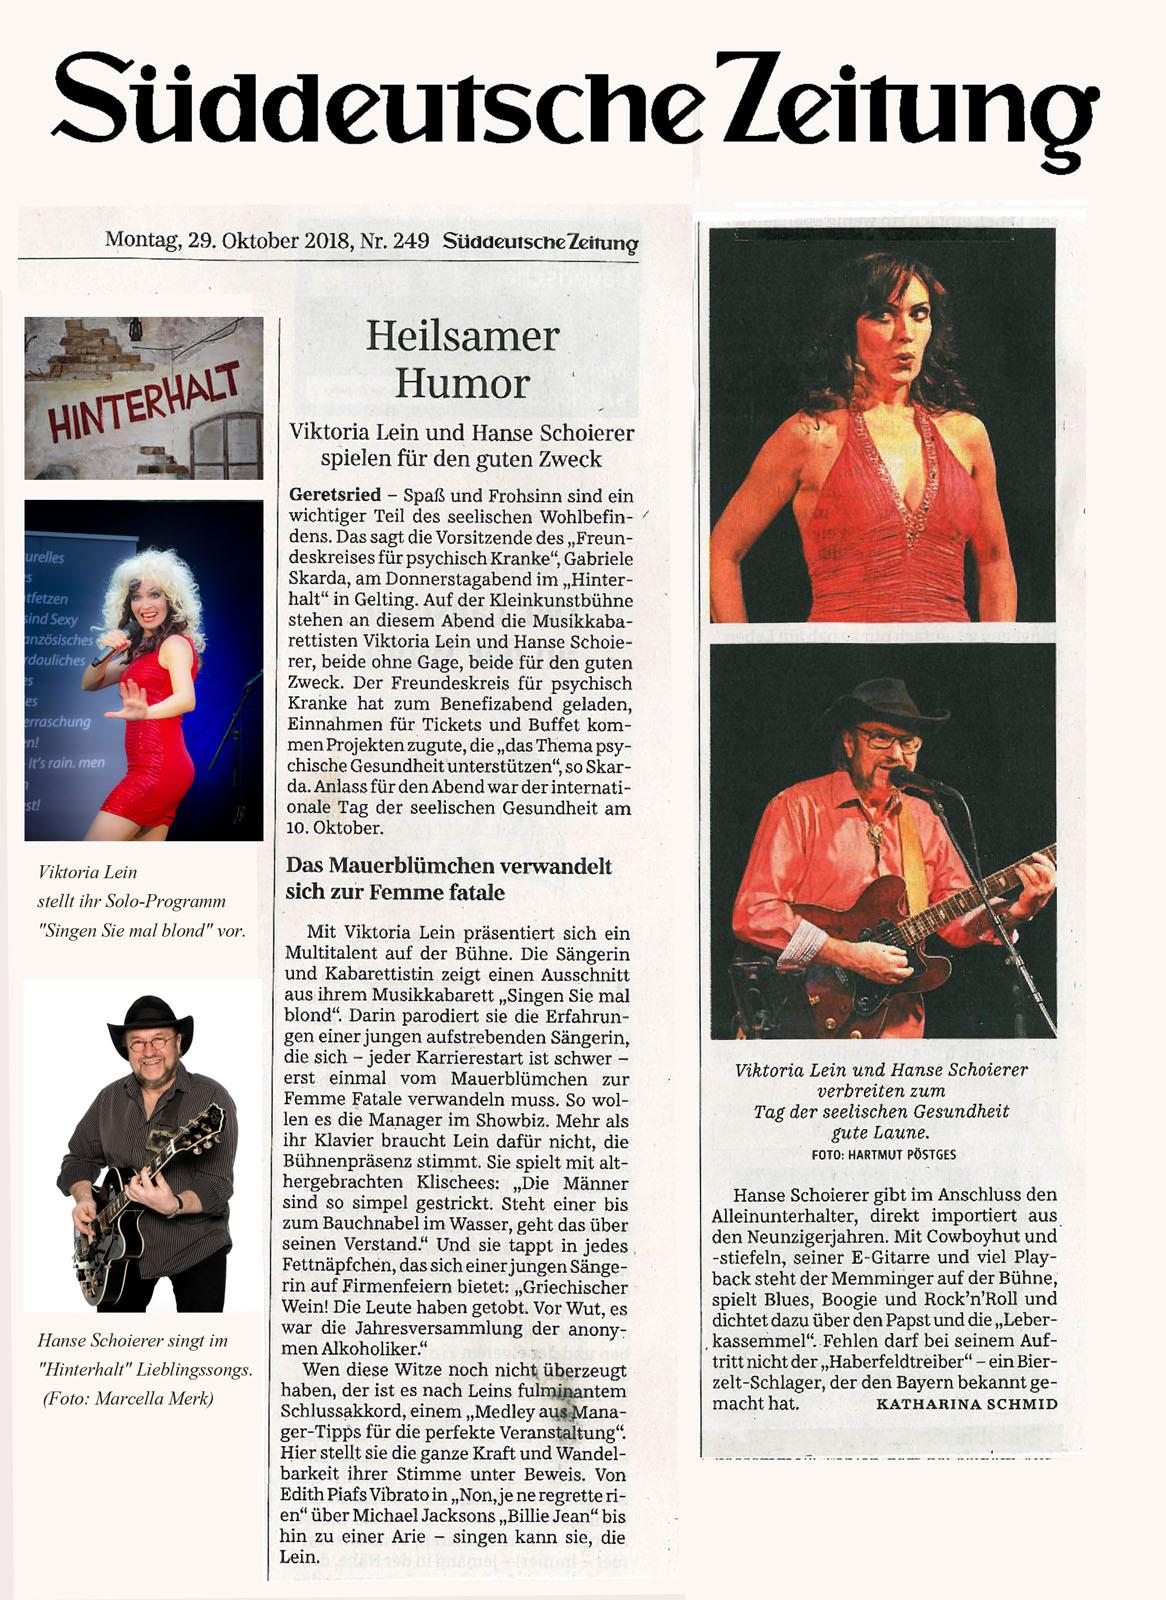 Sueddeutsche Zeitung Hinterhalt Viktoria Lein Kabarettistin und Saengerin aus Muenchen